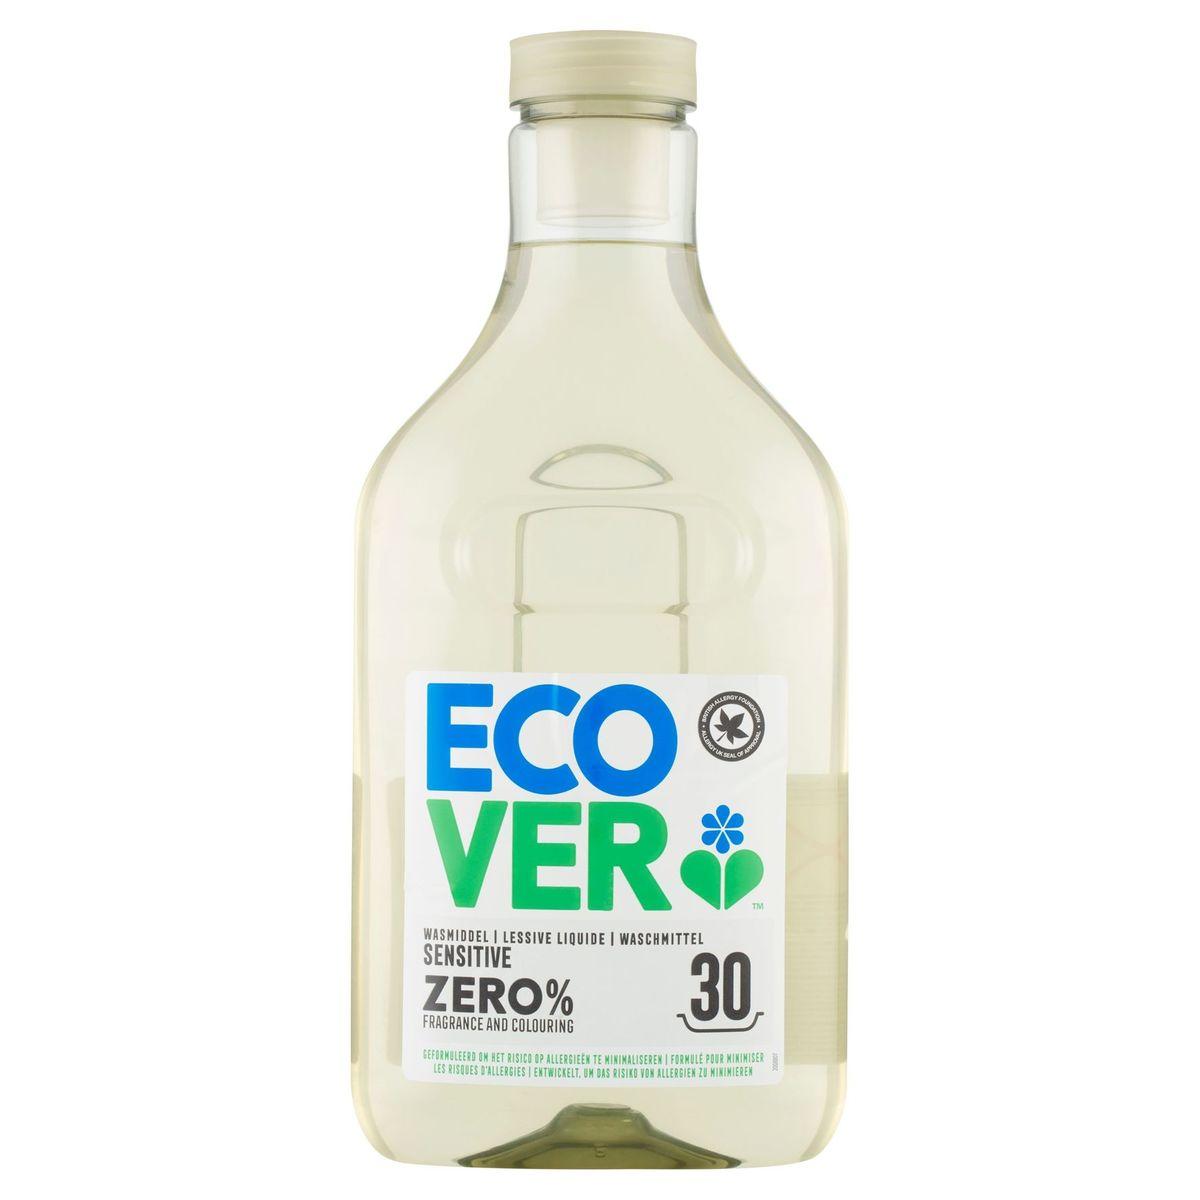 Ecover Lessive Liquide Zero Sensitive 1.5 L 30 Lavages